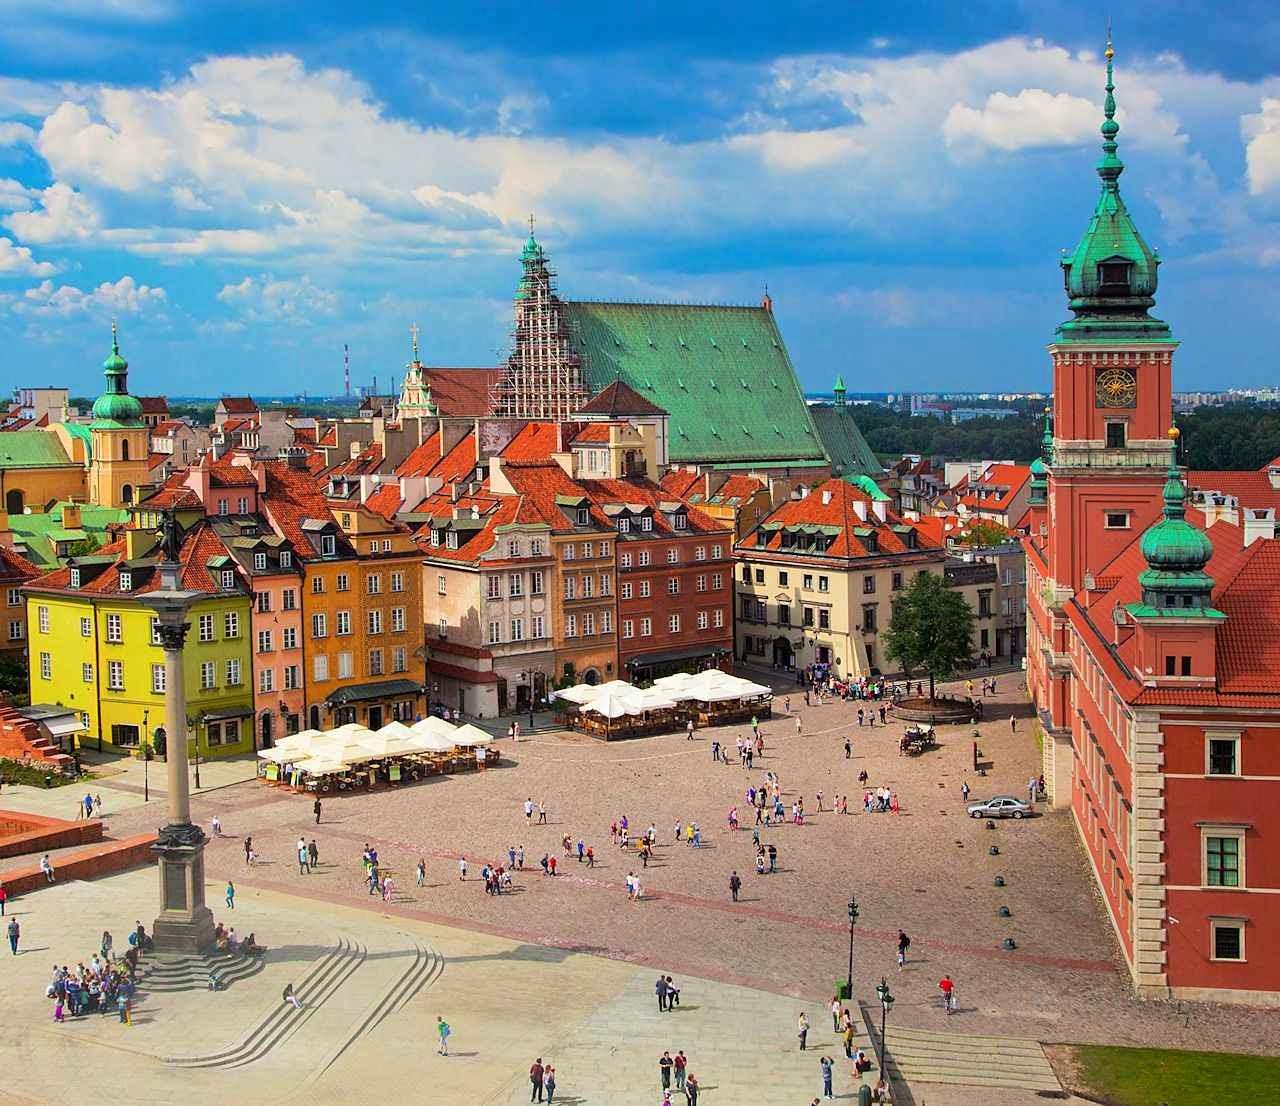 Varsóvia, capital da Polônia, seria destruída por causa da prática do aborto.